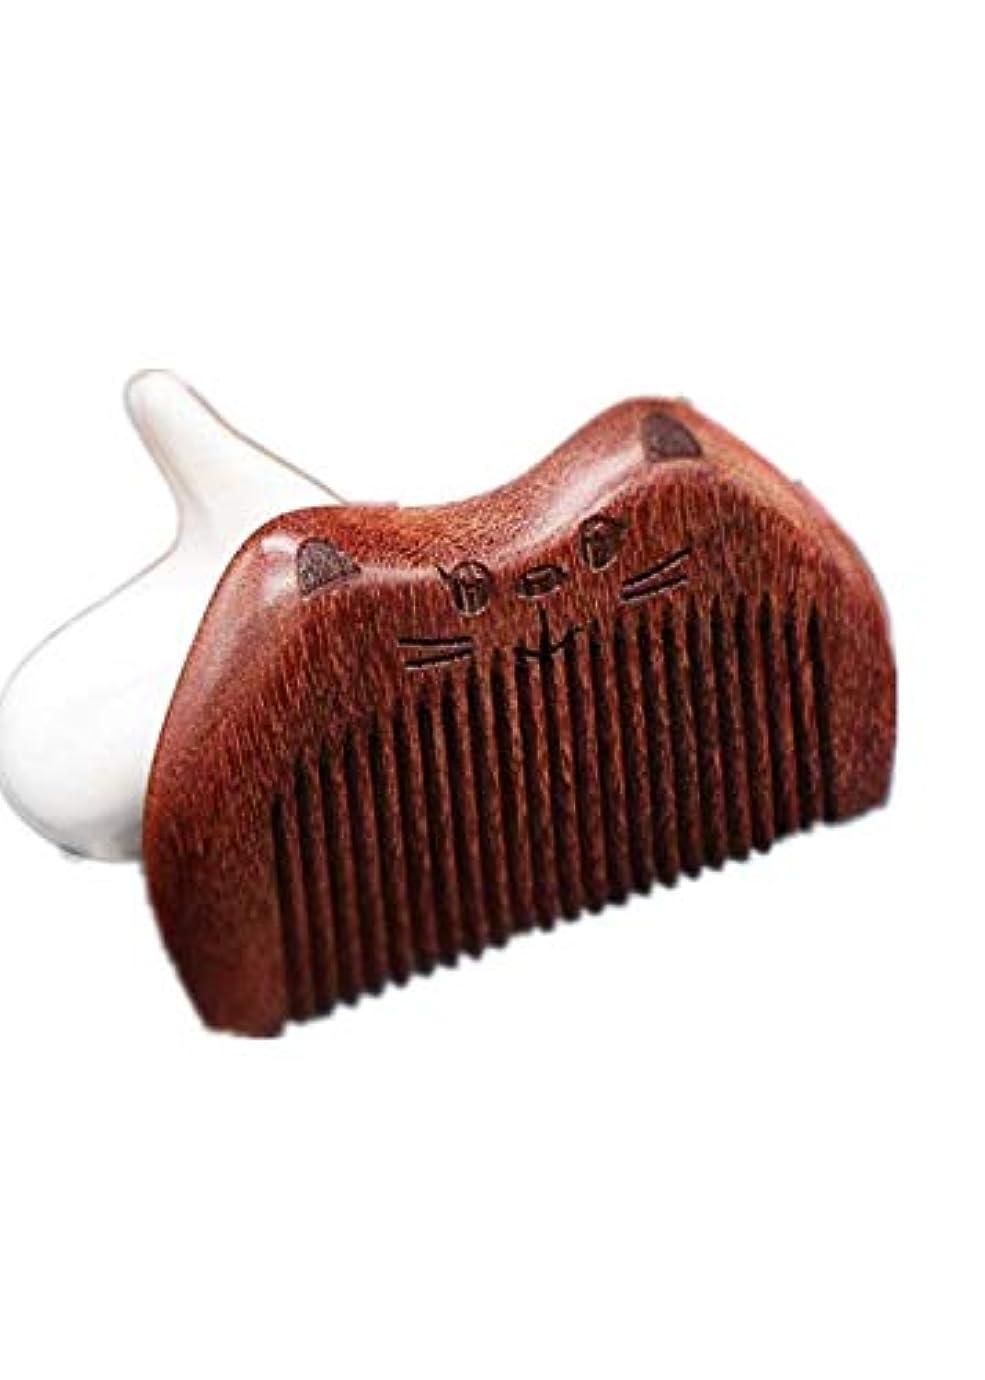 科学チャップ輸血ナチュラル彫刻無静的ファイン歯サンダルウッドコームズ木製の髪のマッサージくし(4.3x2.1inX1PC、レッド)